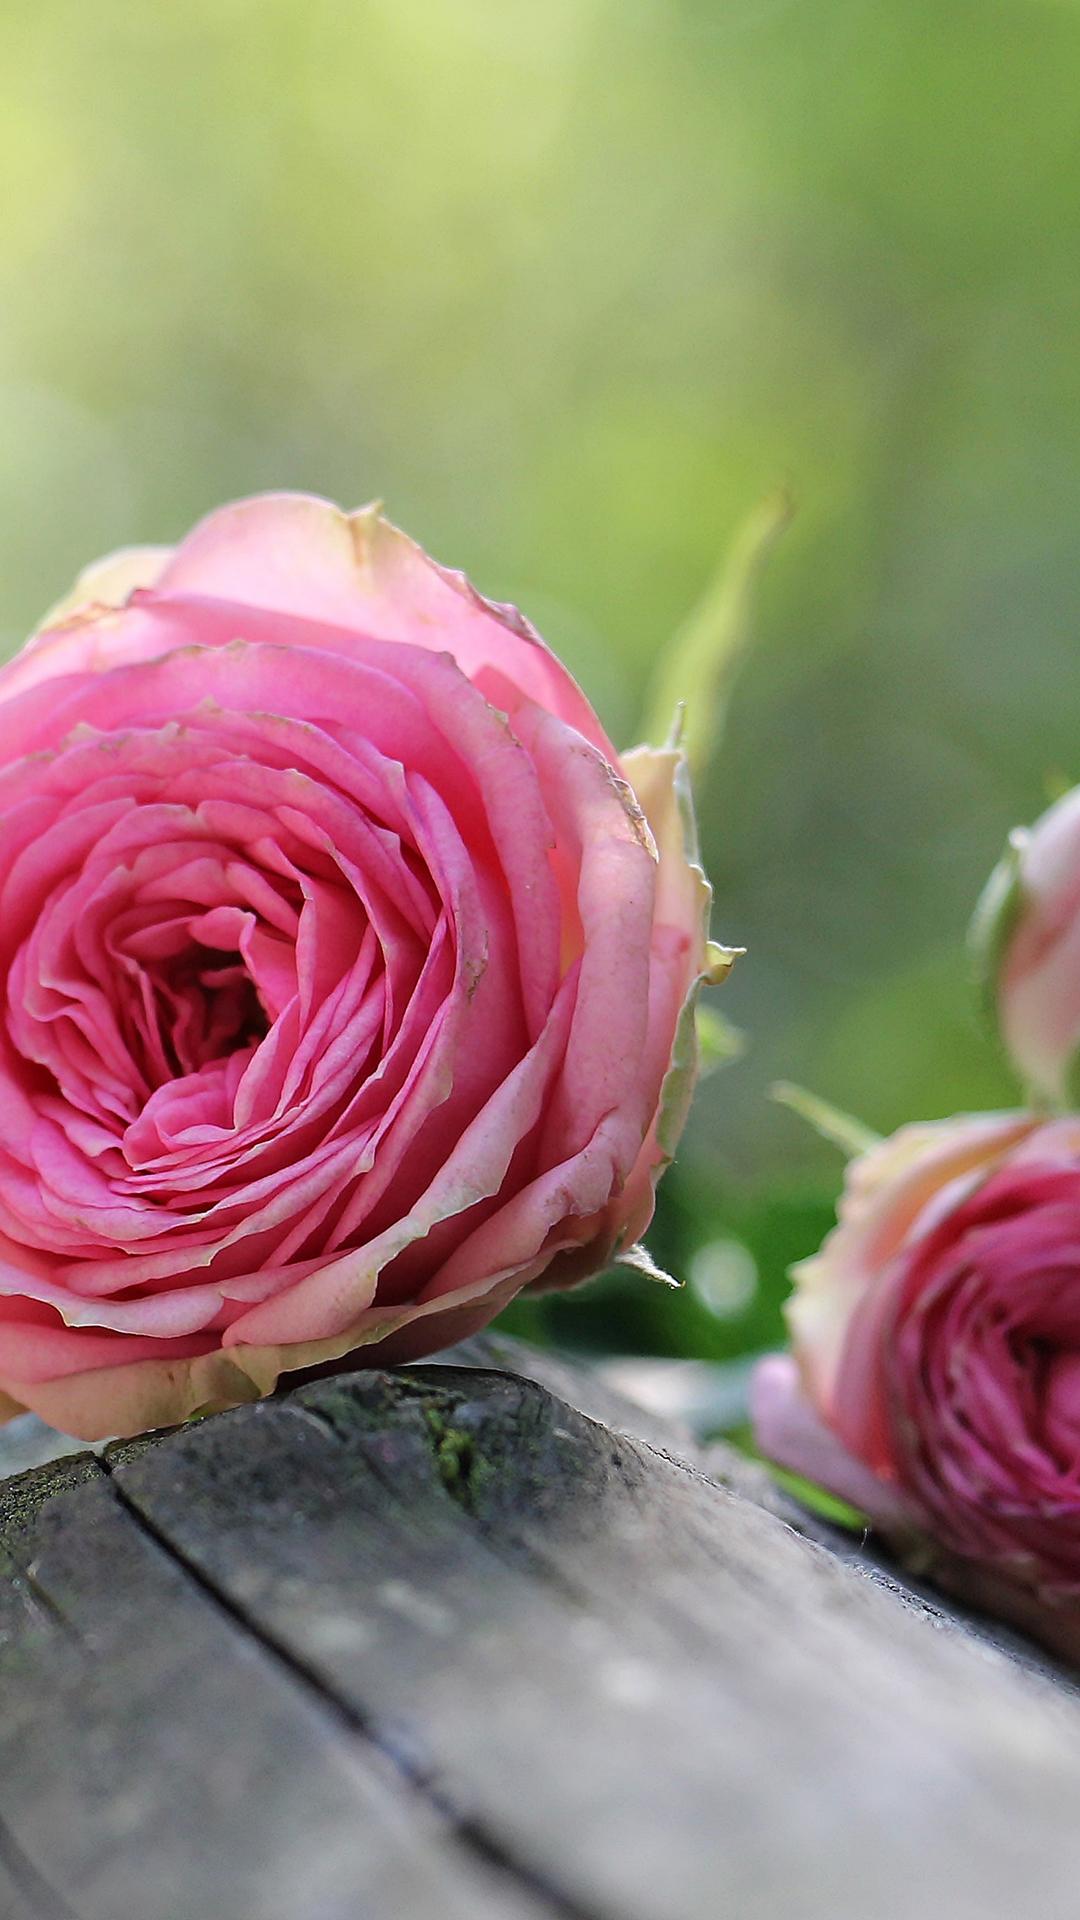 植物 布什粉红色小花 鲜花 芽